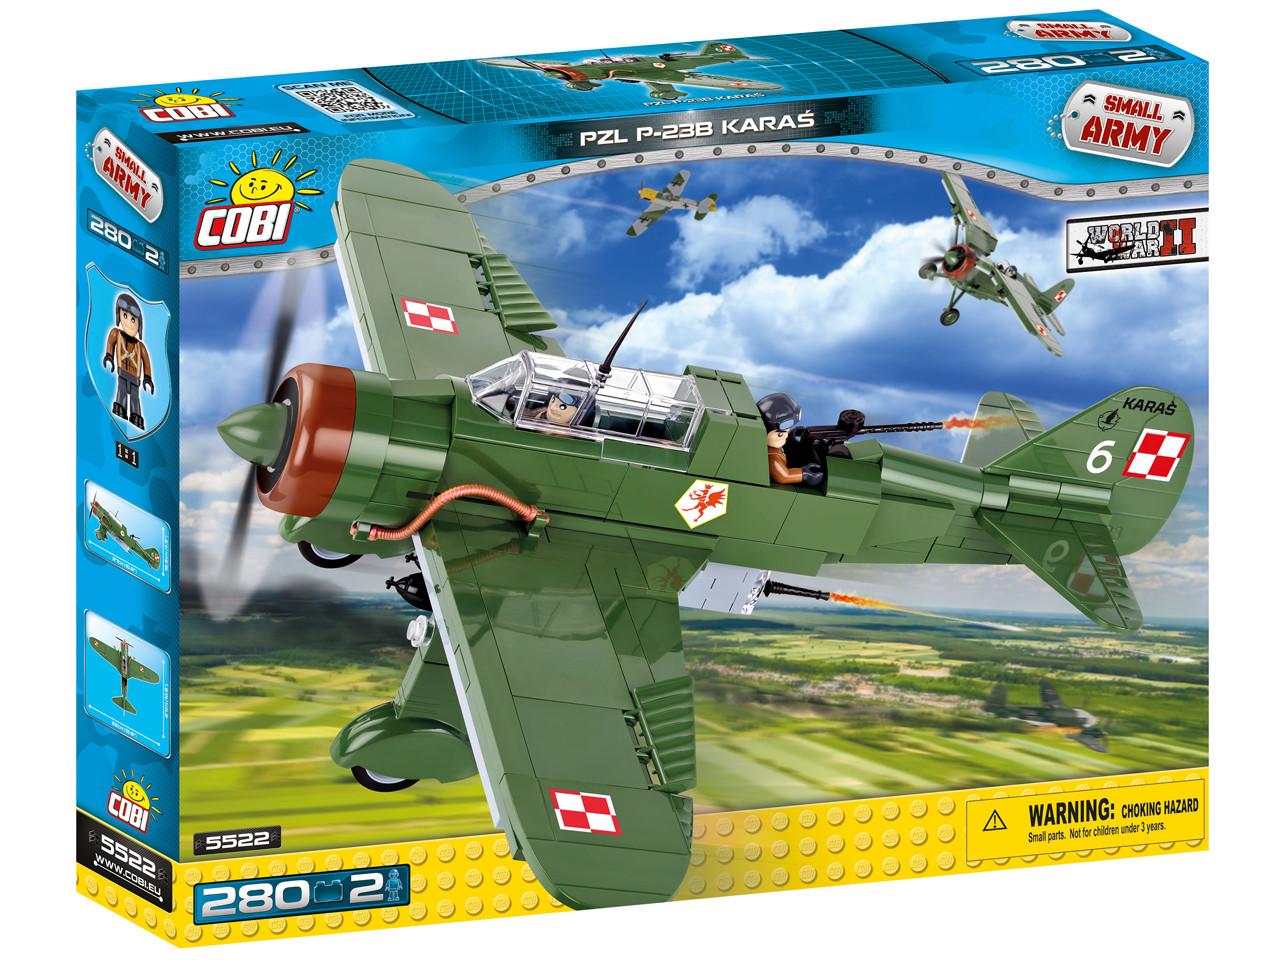 Конструктор COBI Вторая Мировая Война Самолет PZL Карась P-23B 280 деталей (COBI-5522) (5902251055)